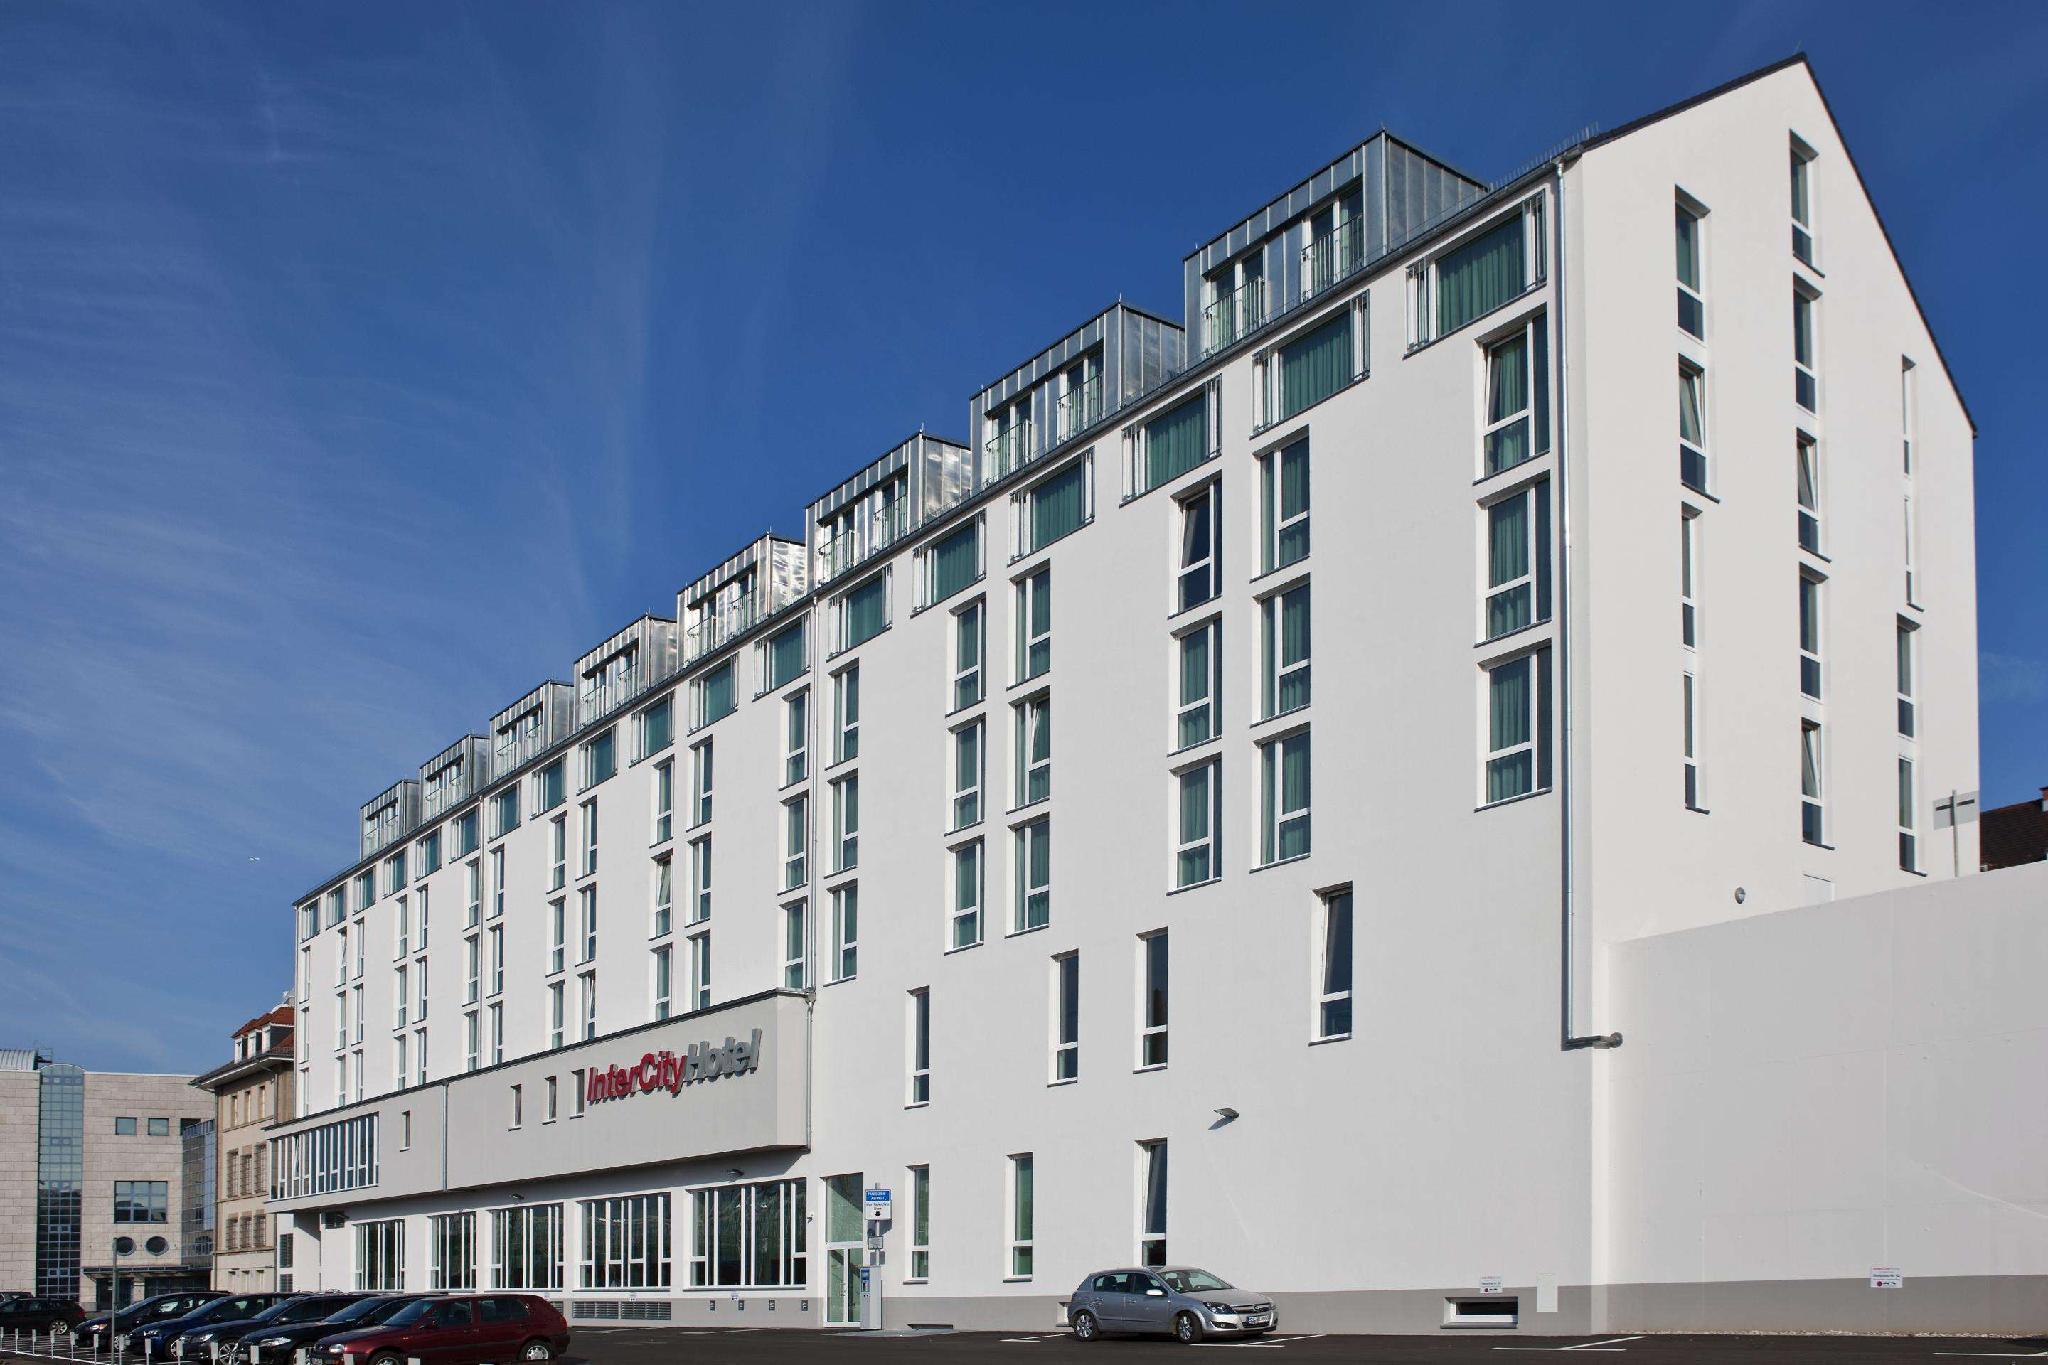 IntercityHotel Darmstadt, Darmstadt